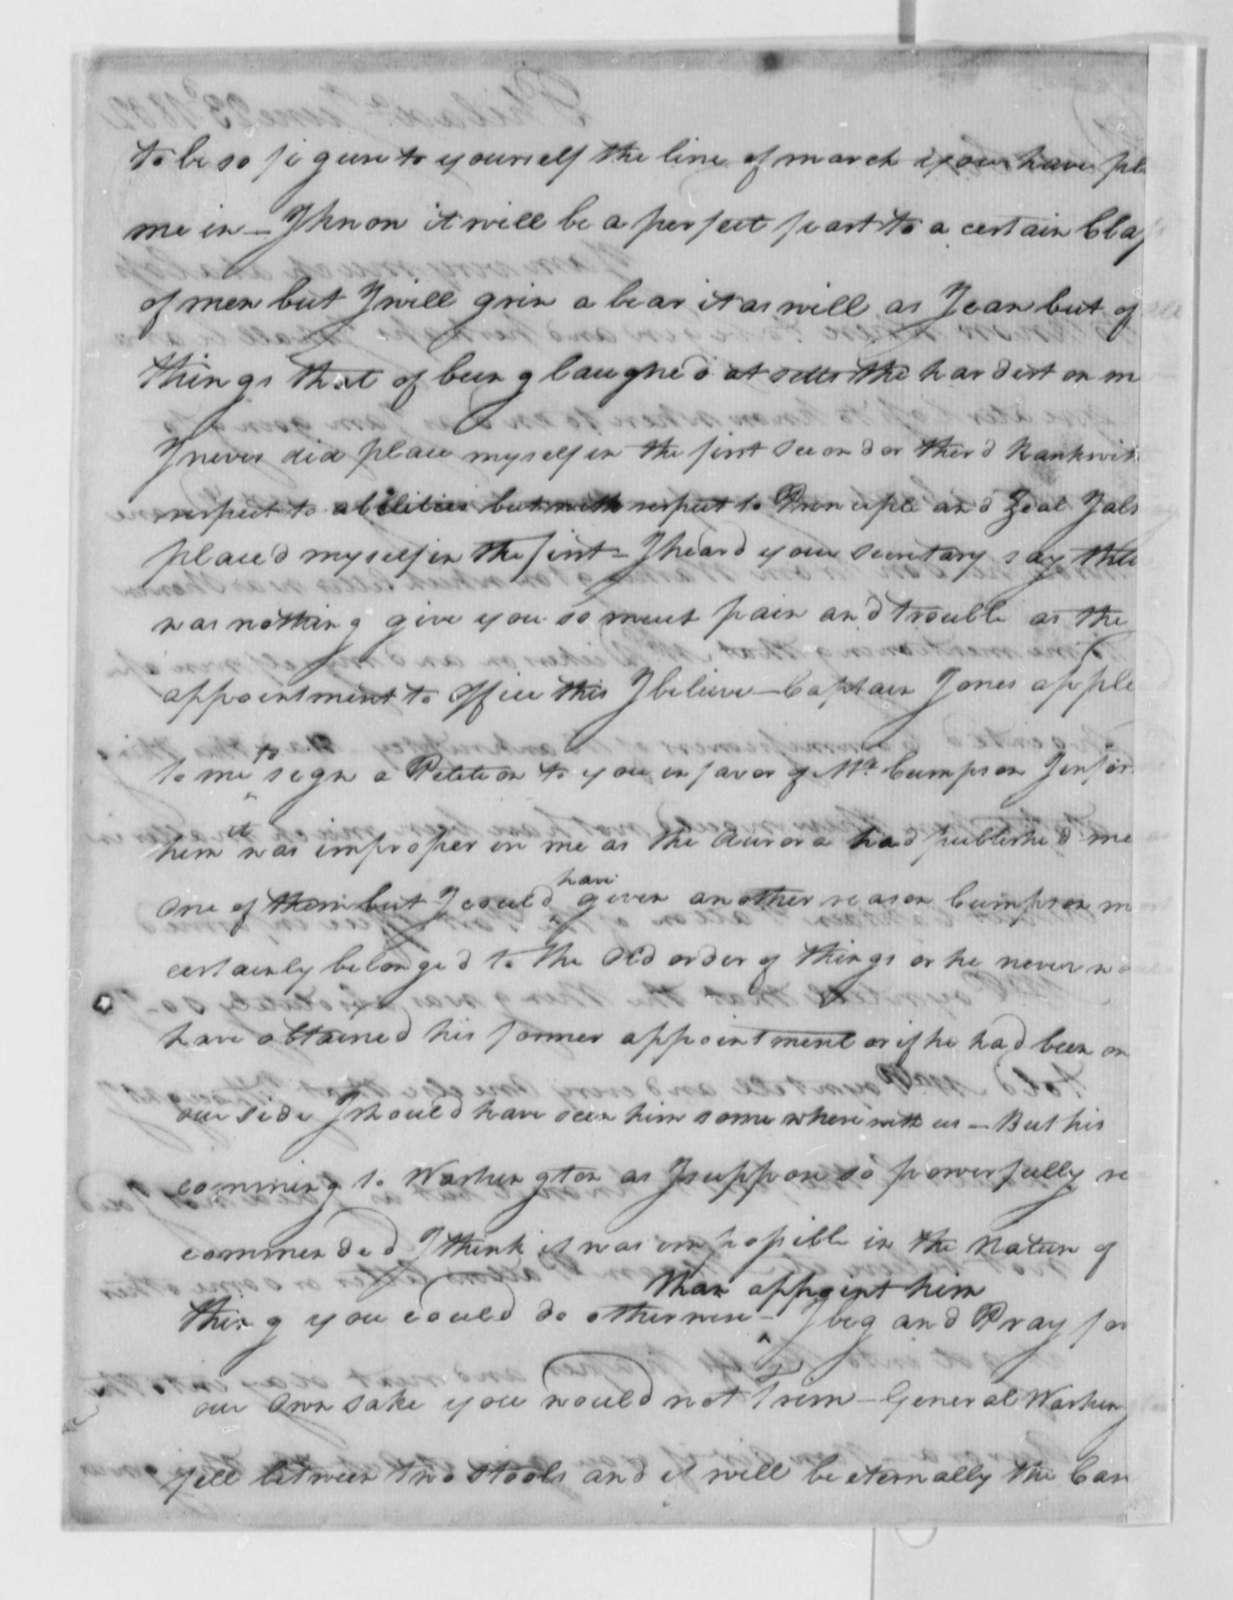 Thomas Leiper to Thomas Jefferson, June 23, 1802